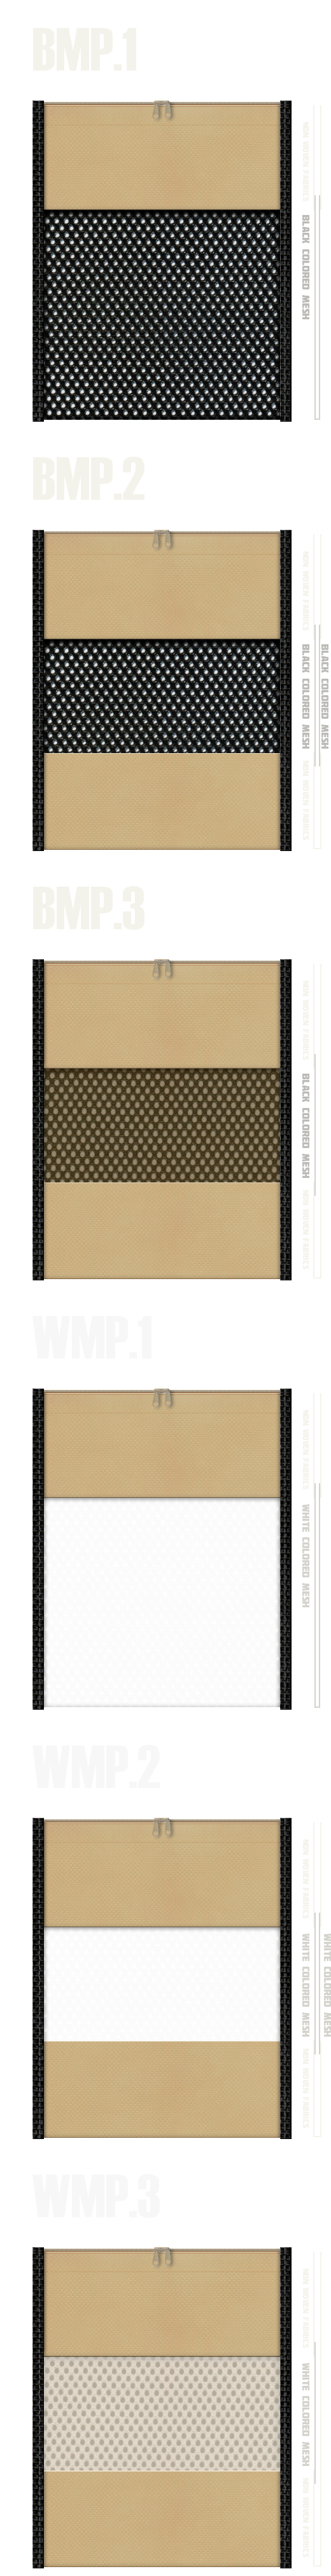 メッシュポーチのカラーシミュレーション:黒色・白色メッシュとカーキ色不織布の組み合わせ